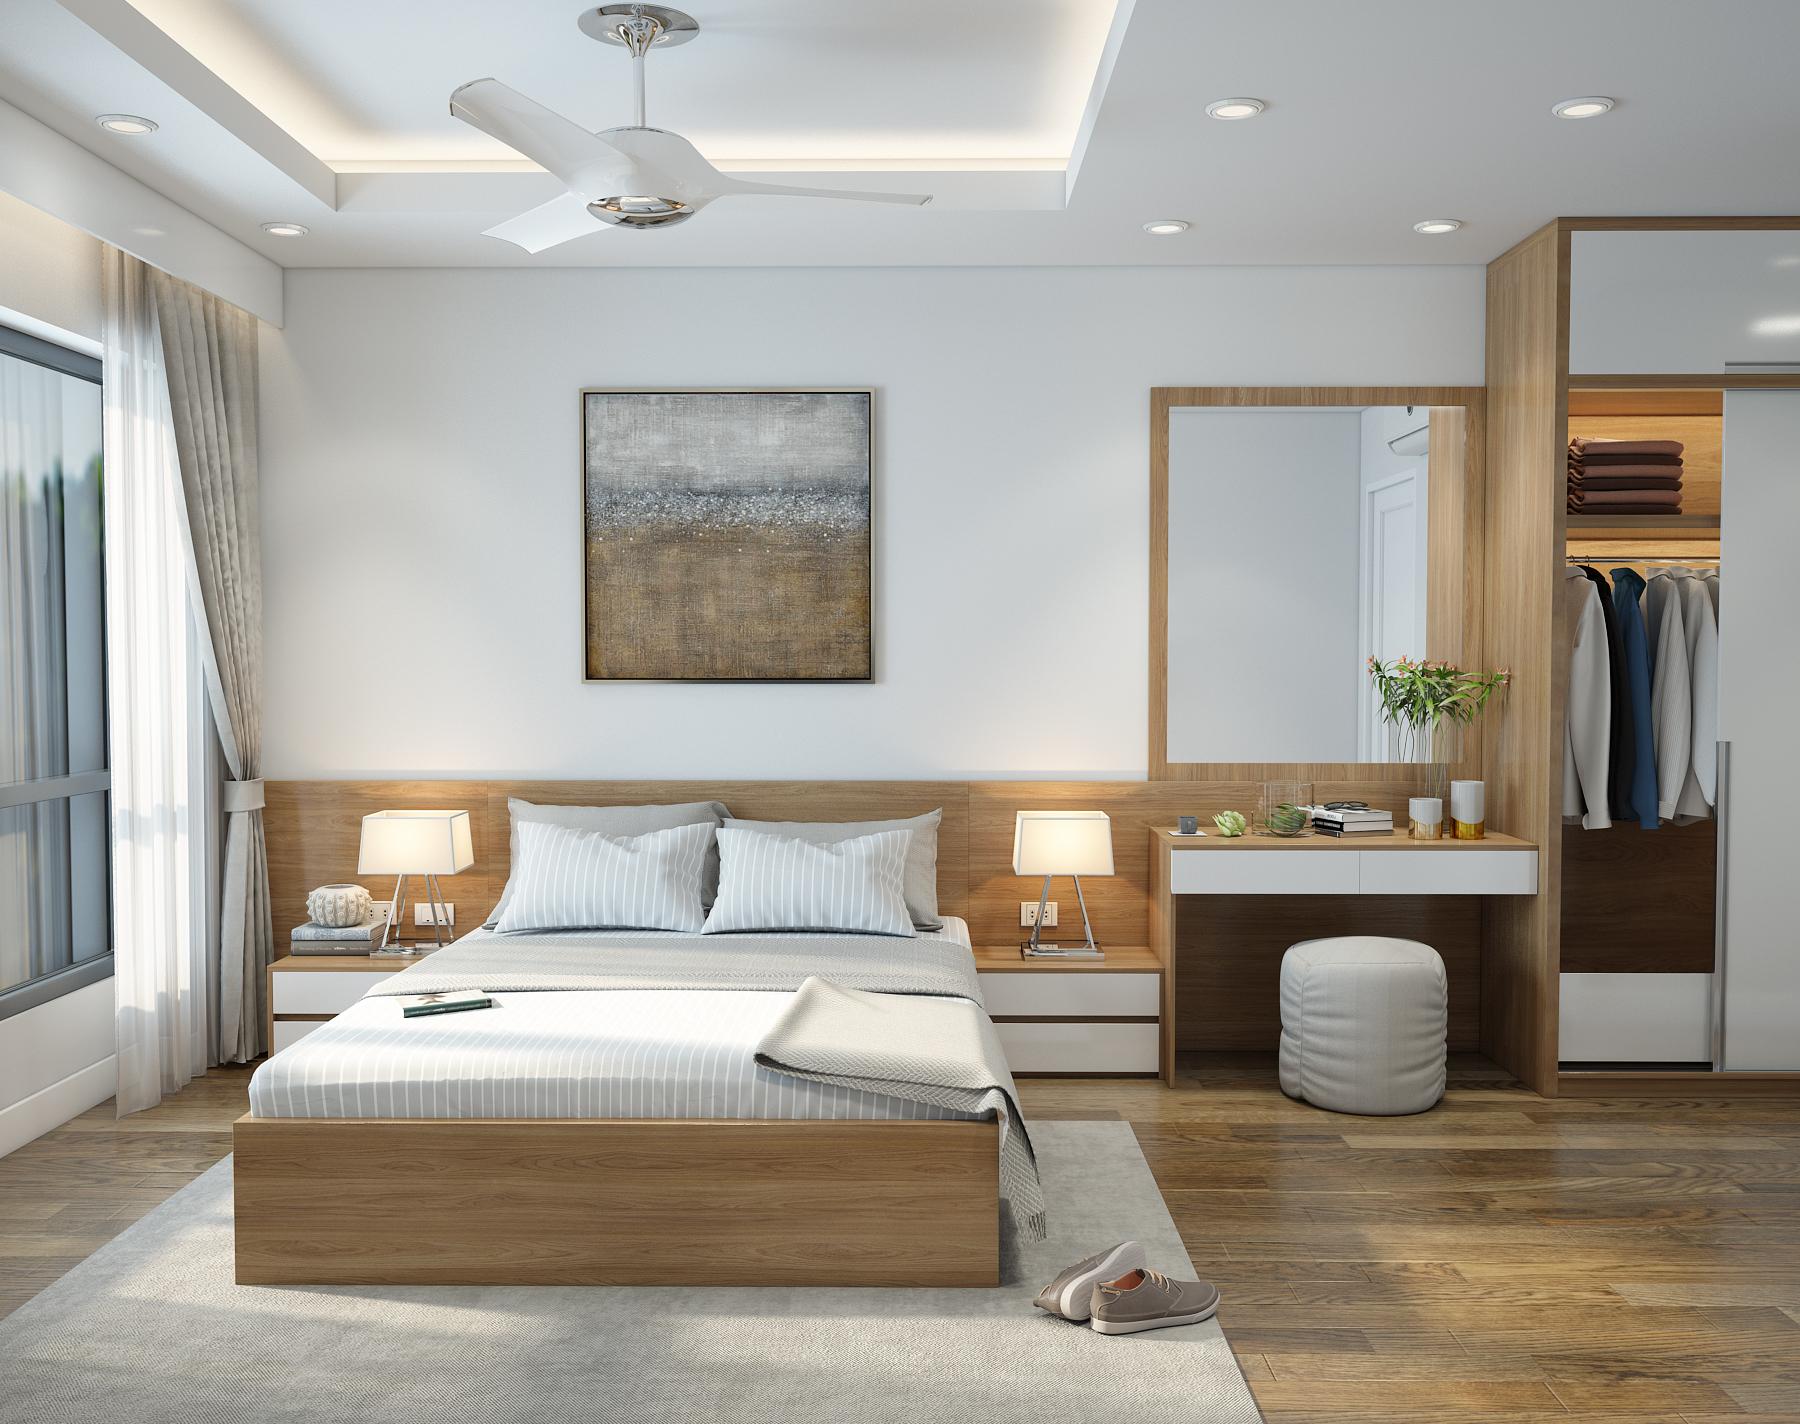 thiết kế nội thất chung cư tại Hà Nội Chung Cư An Bình City 18 1538039760